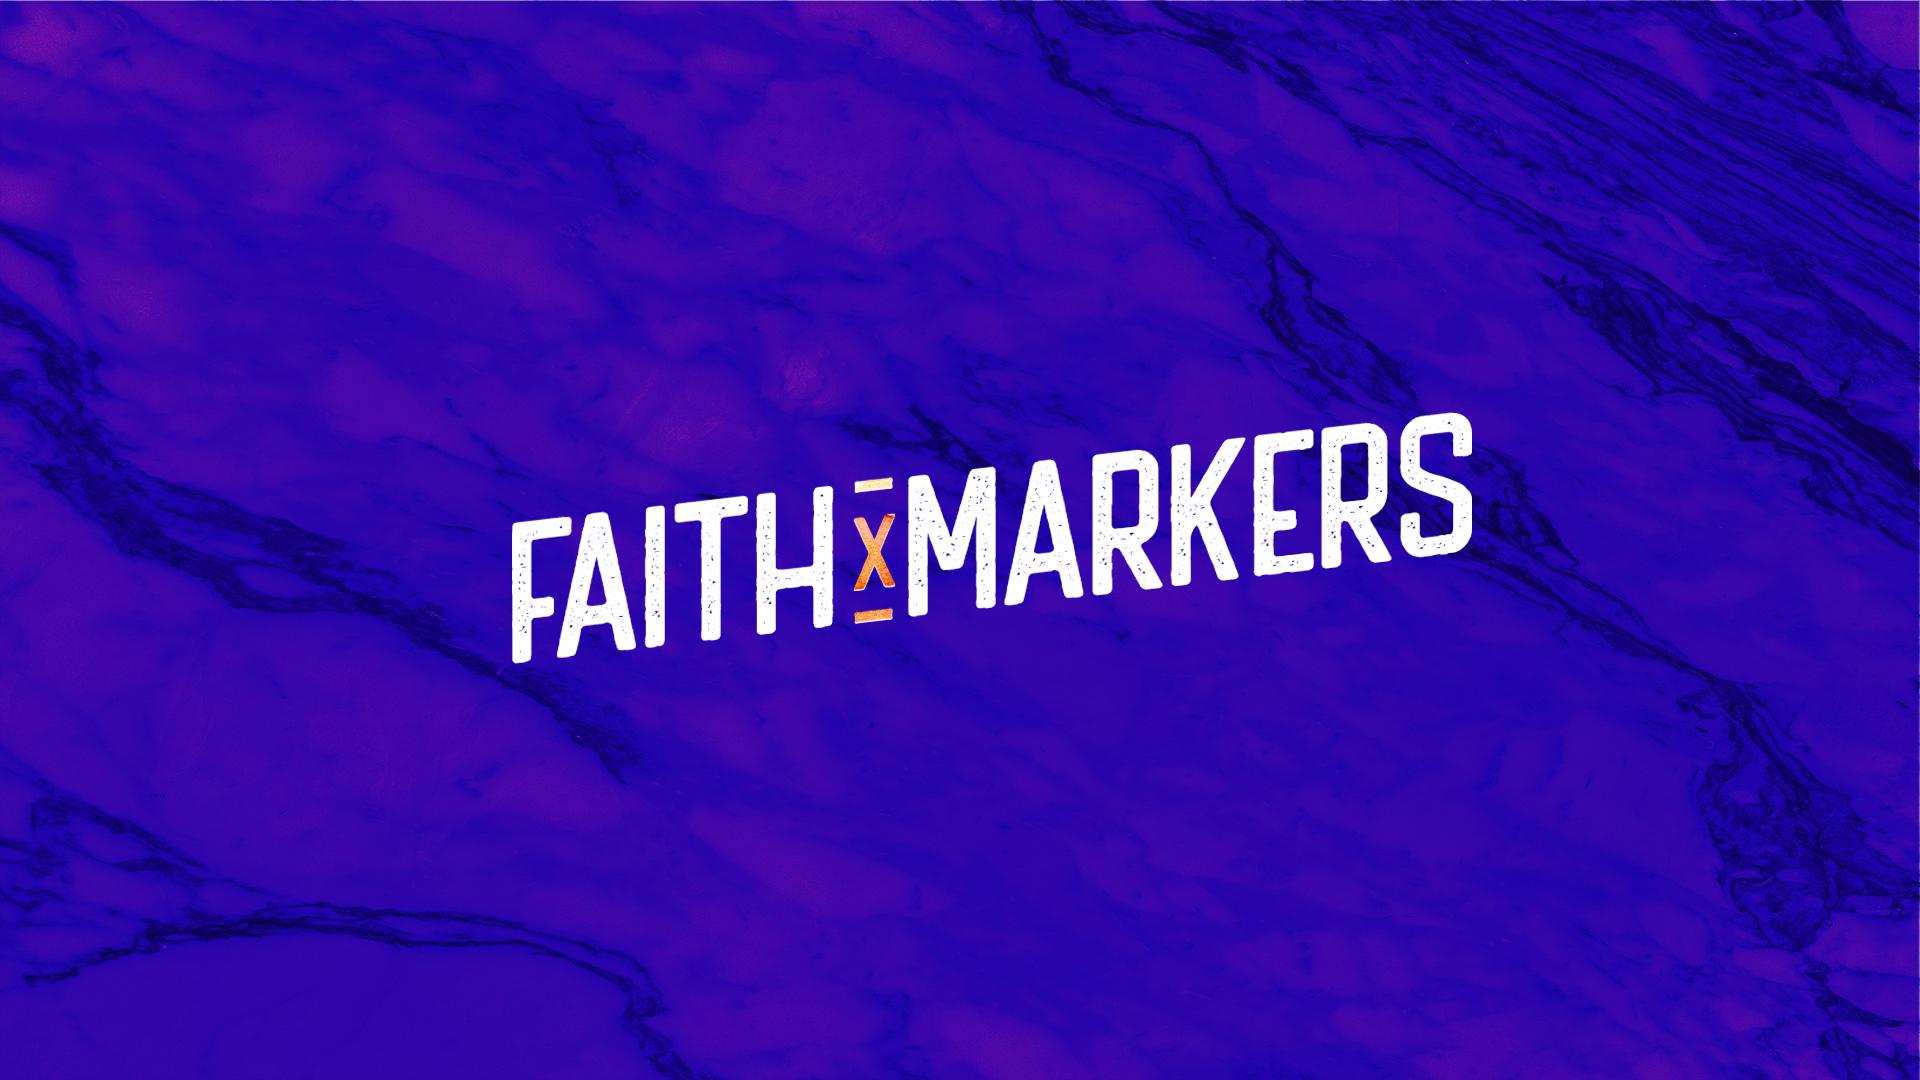 Faith Markers 1920x1080.jpg